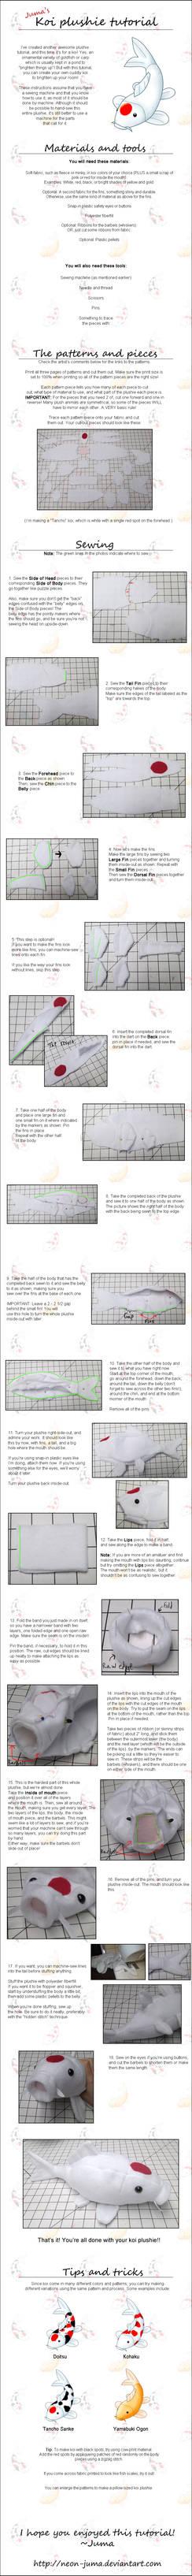 Koi plushie tutorial